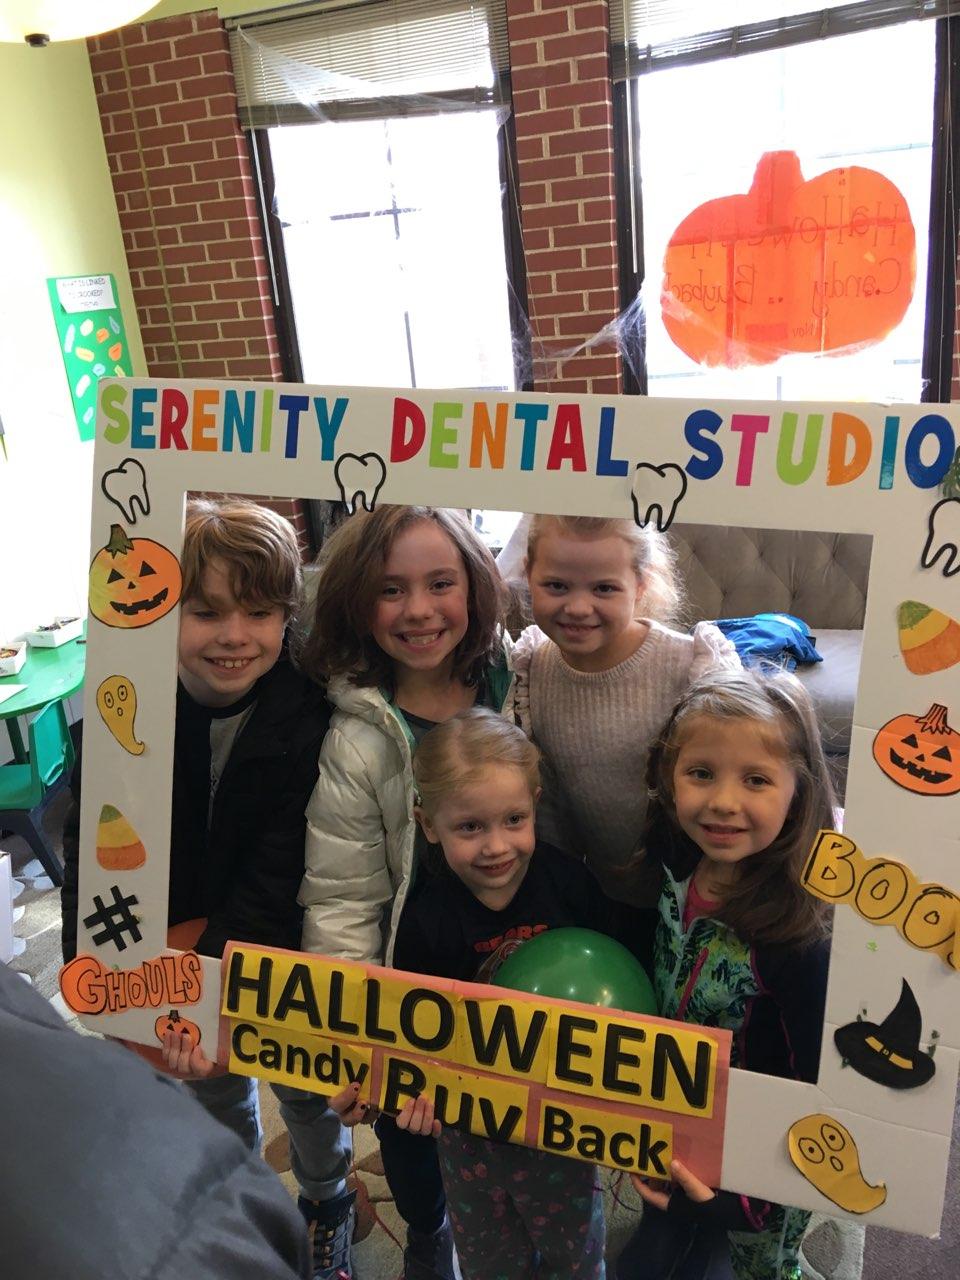 Halloween Candy Buyback 2019